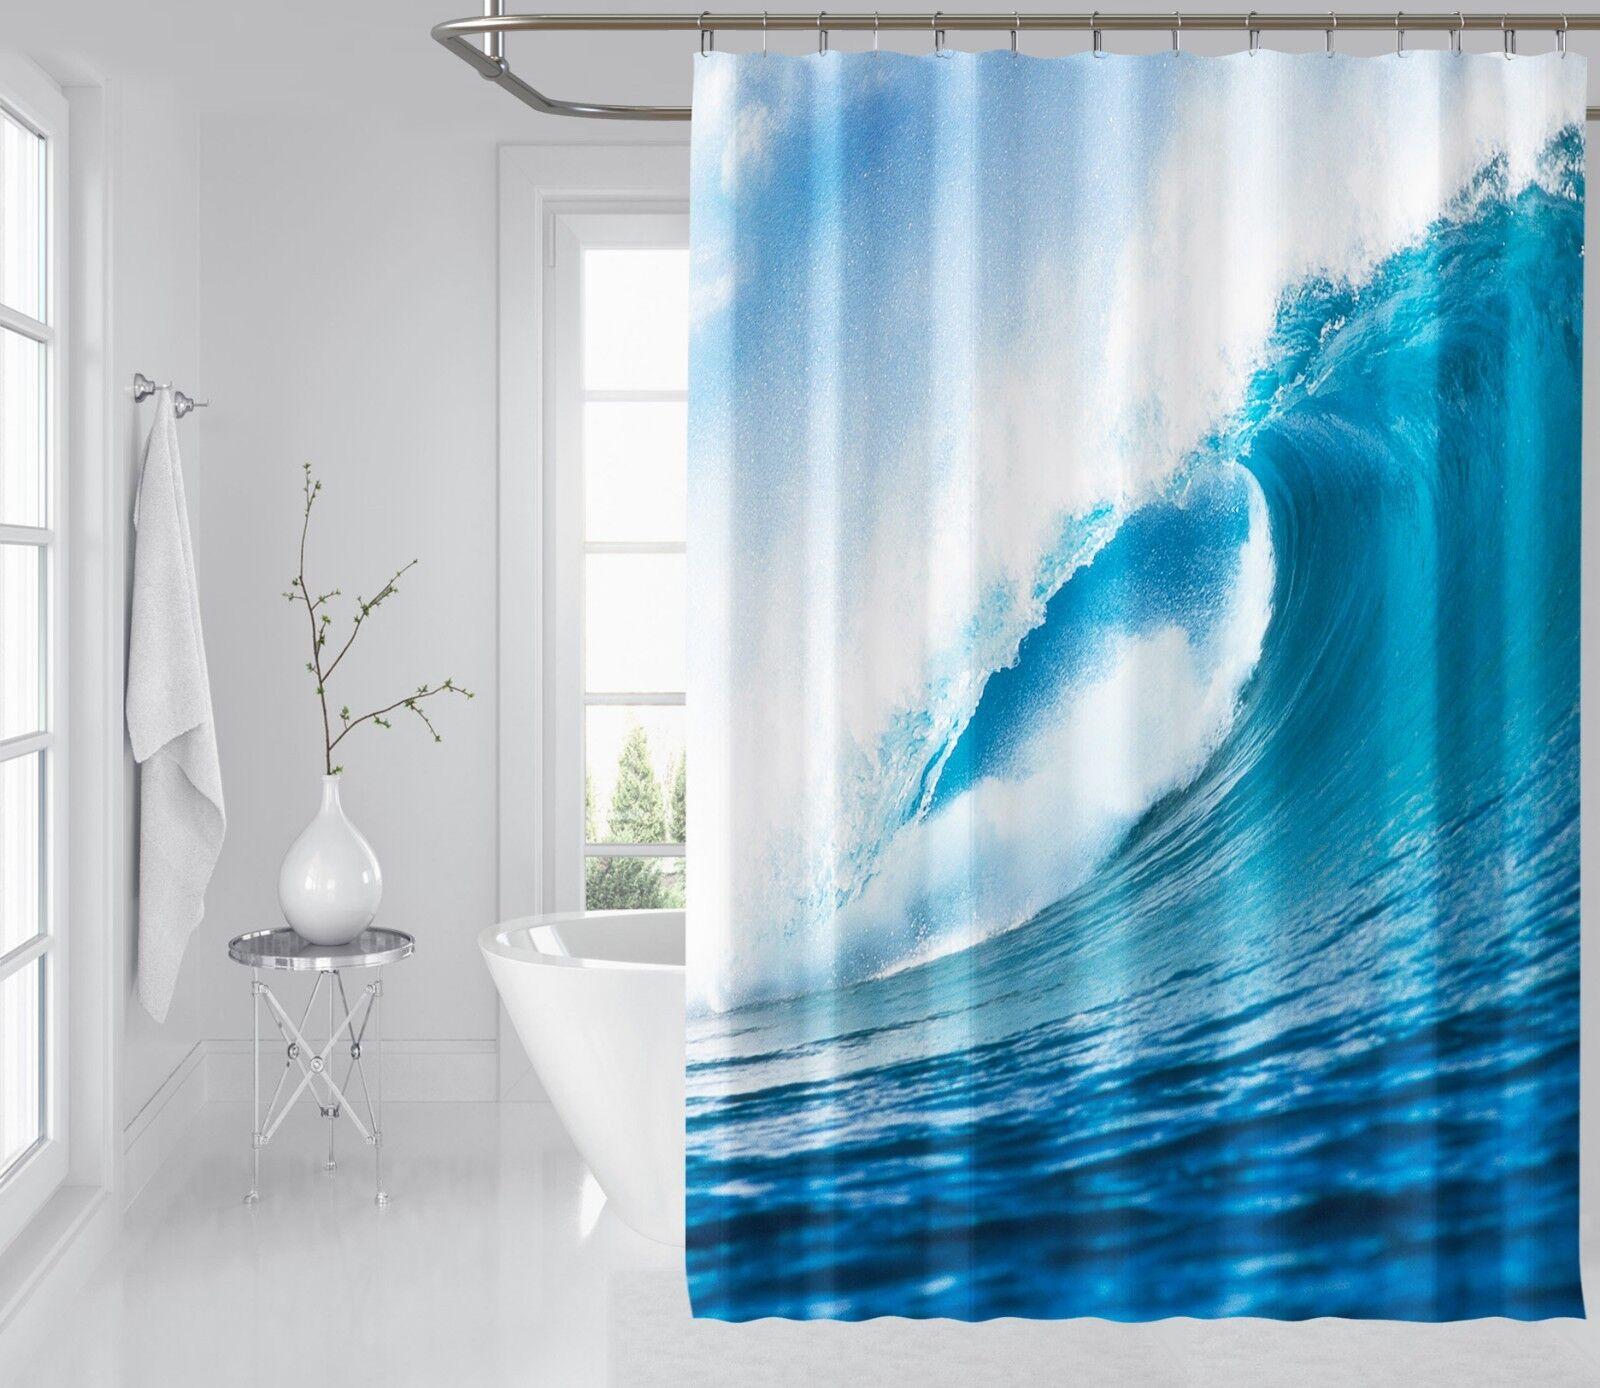 3D mer peinture 89 Rideau de Douche Imperméable Fibre Salle de Bain Home Windows Toilette